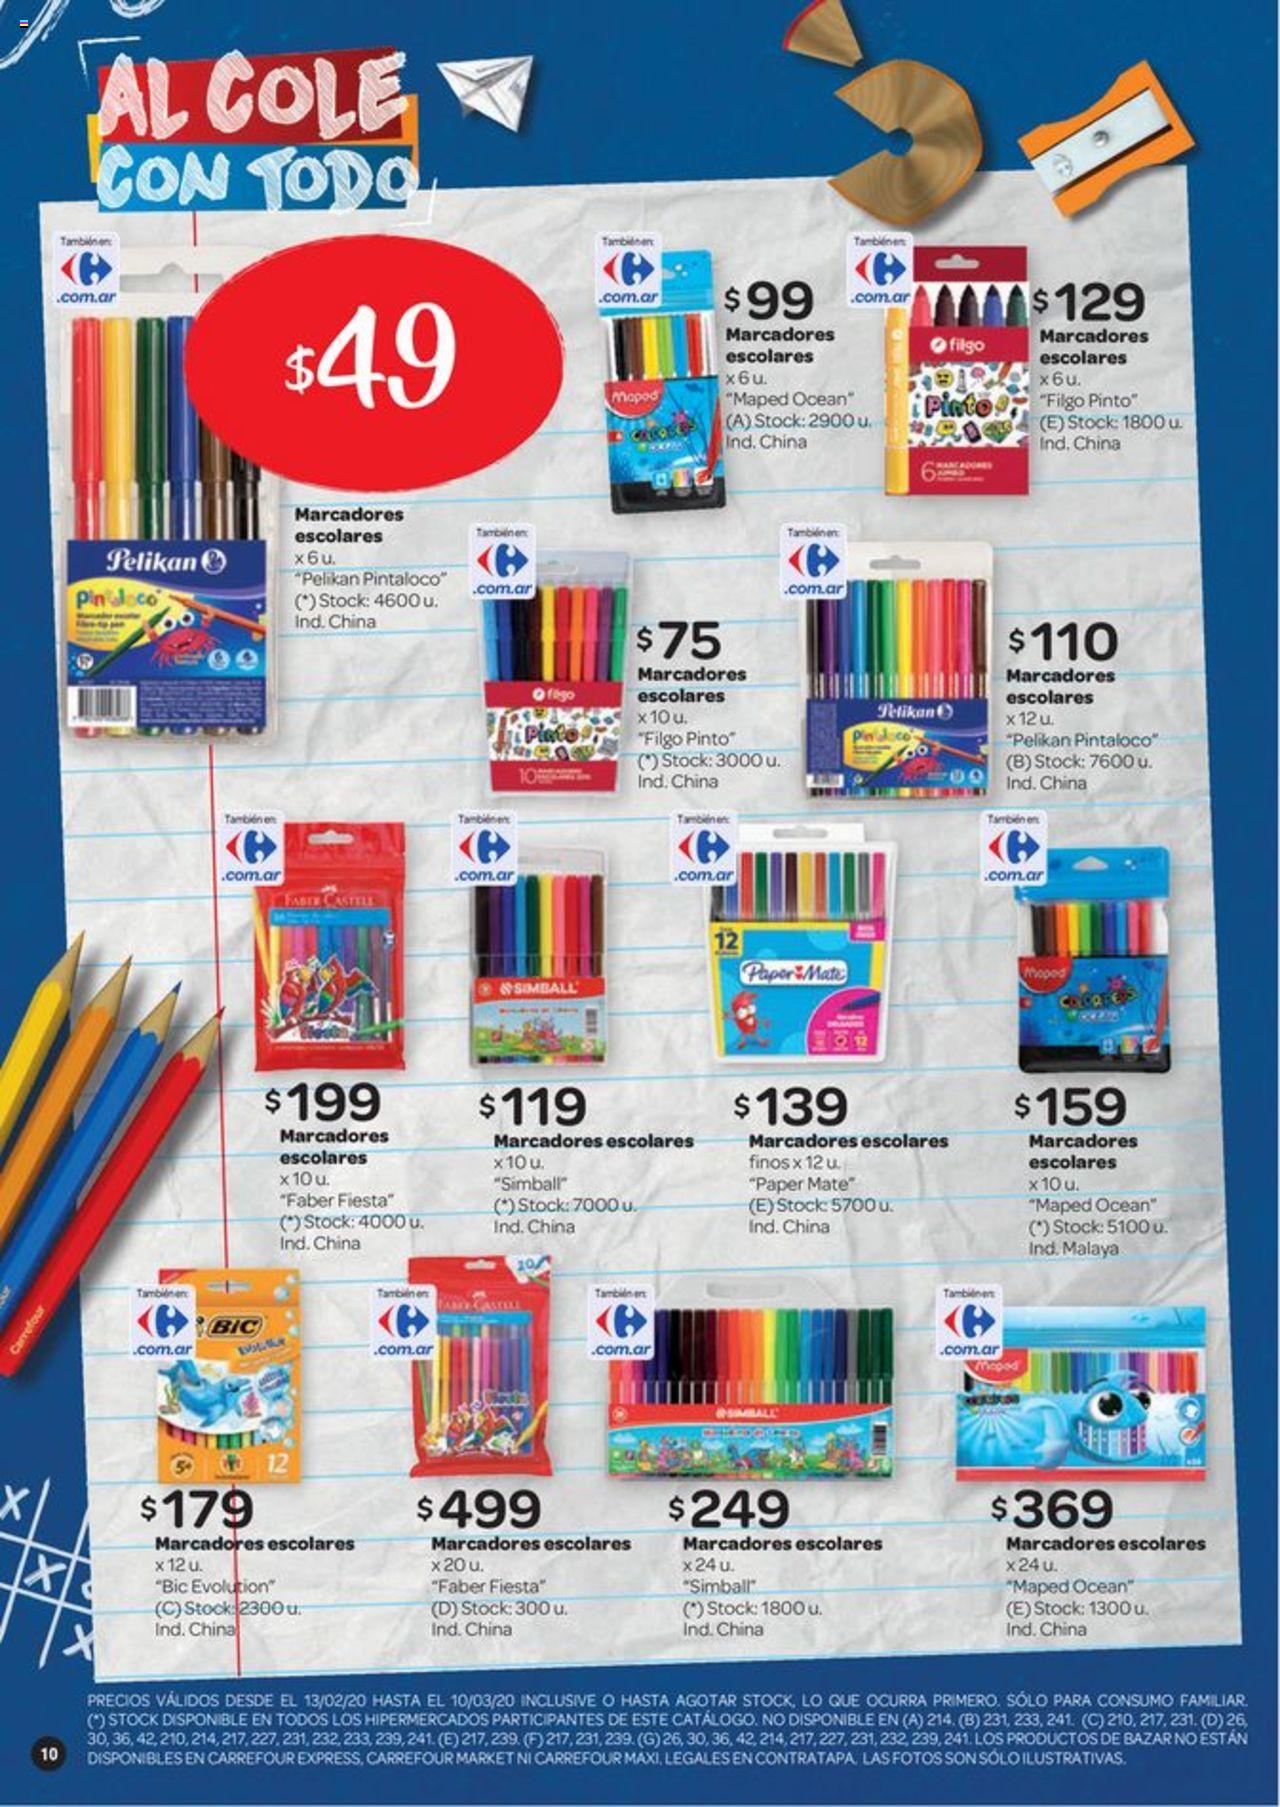 Carrefour Oferta válido desde el 13/02/2020 número de página 1 | Página: 10